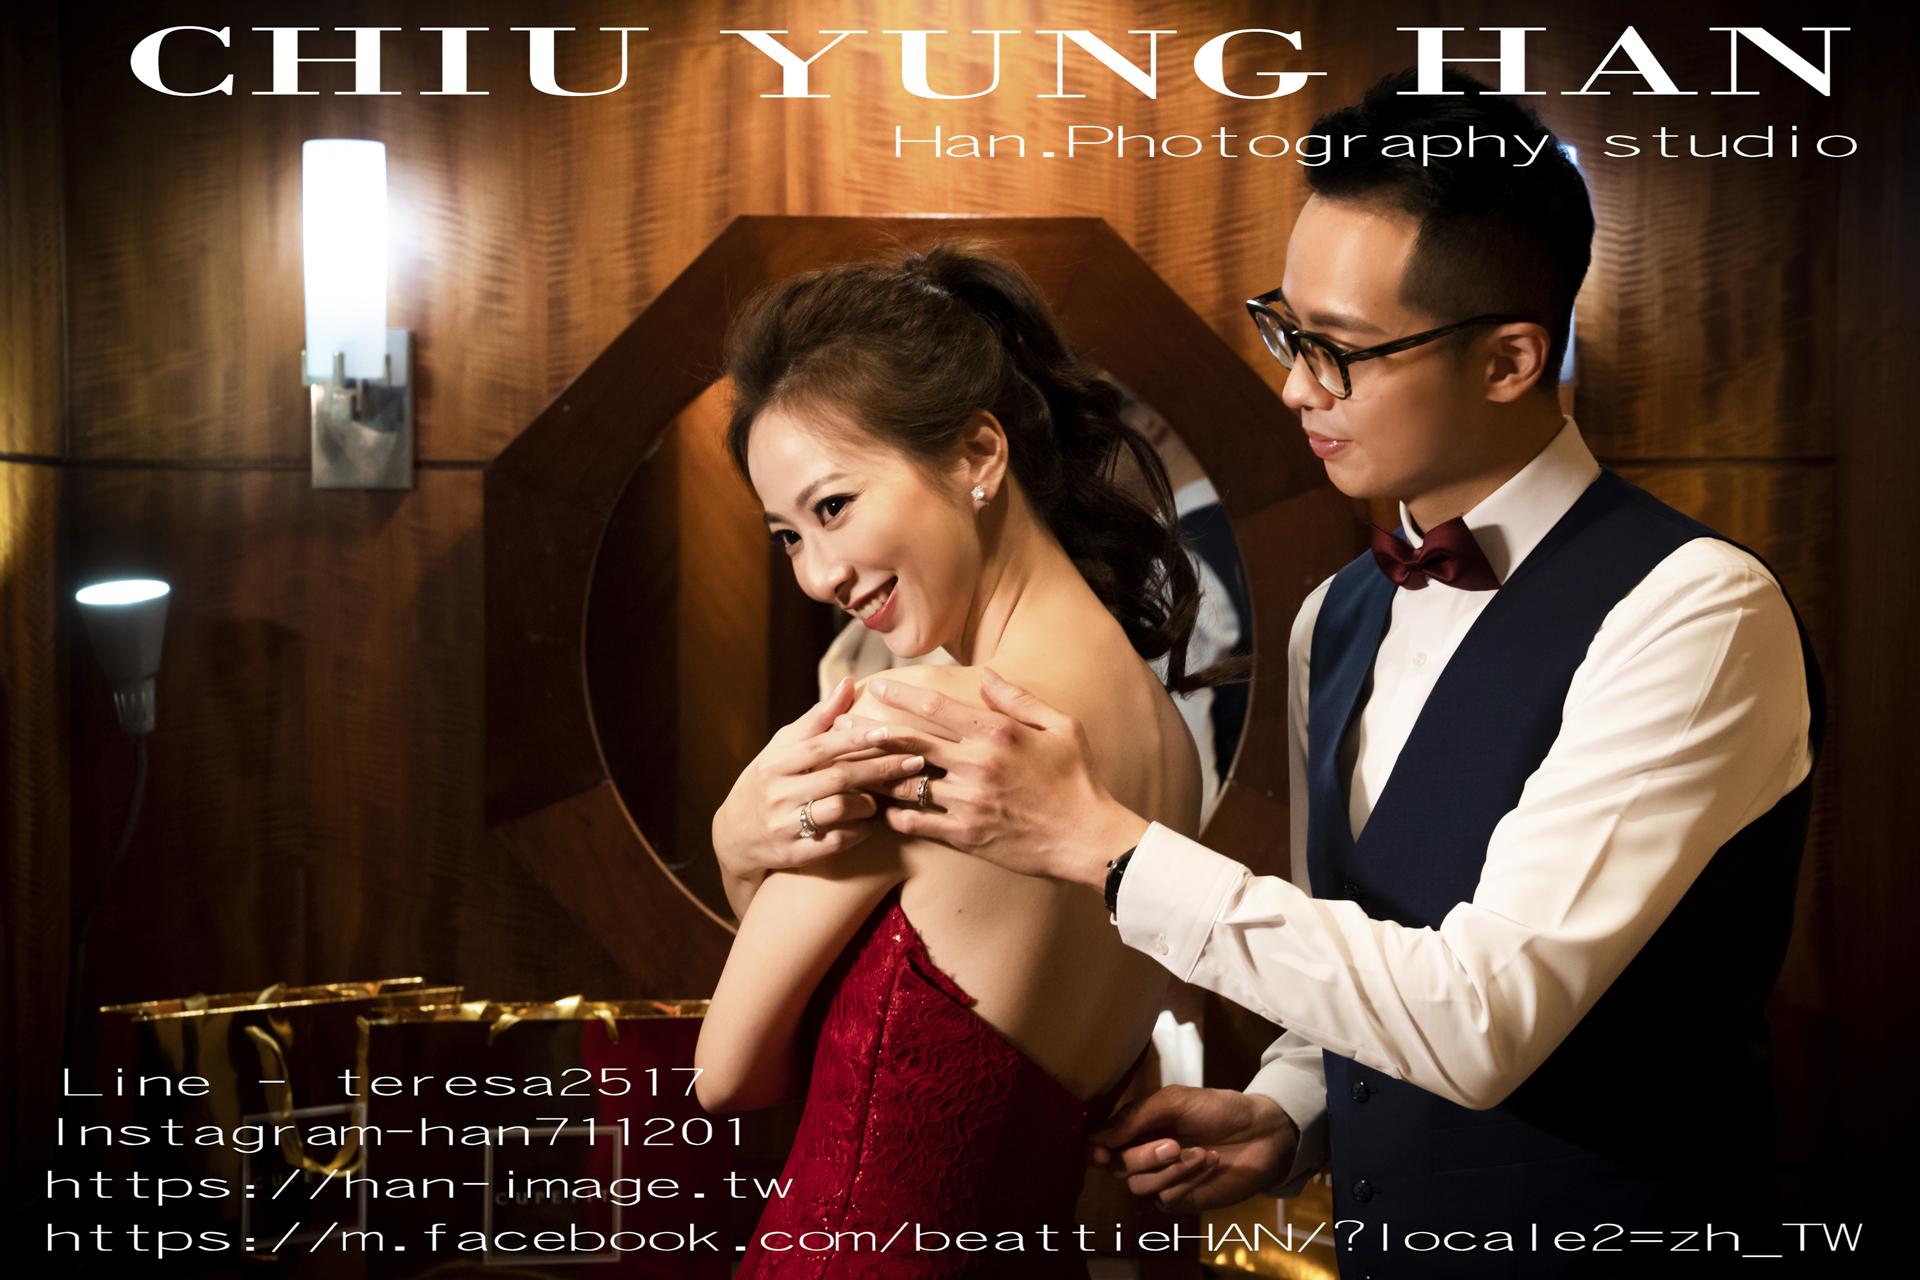 台北喜來登婚禮紀錄|卸下模特兒身份,披上嫁衣迎接下一段幸福旅程。